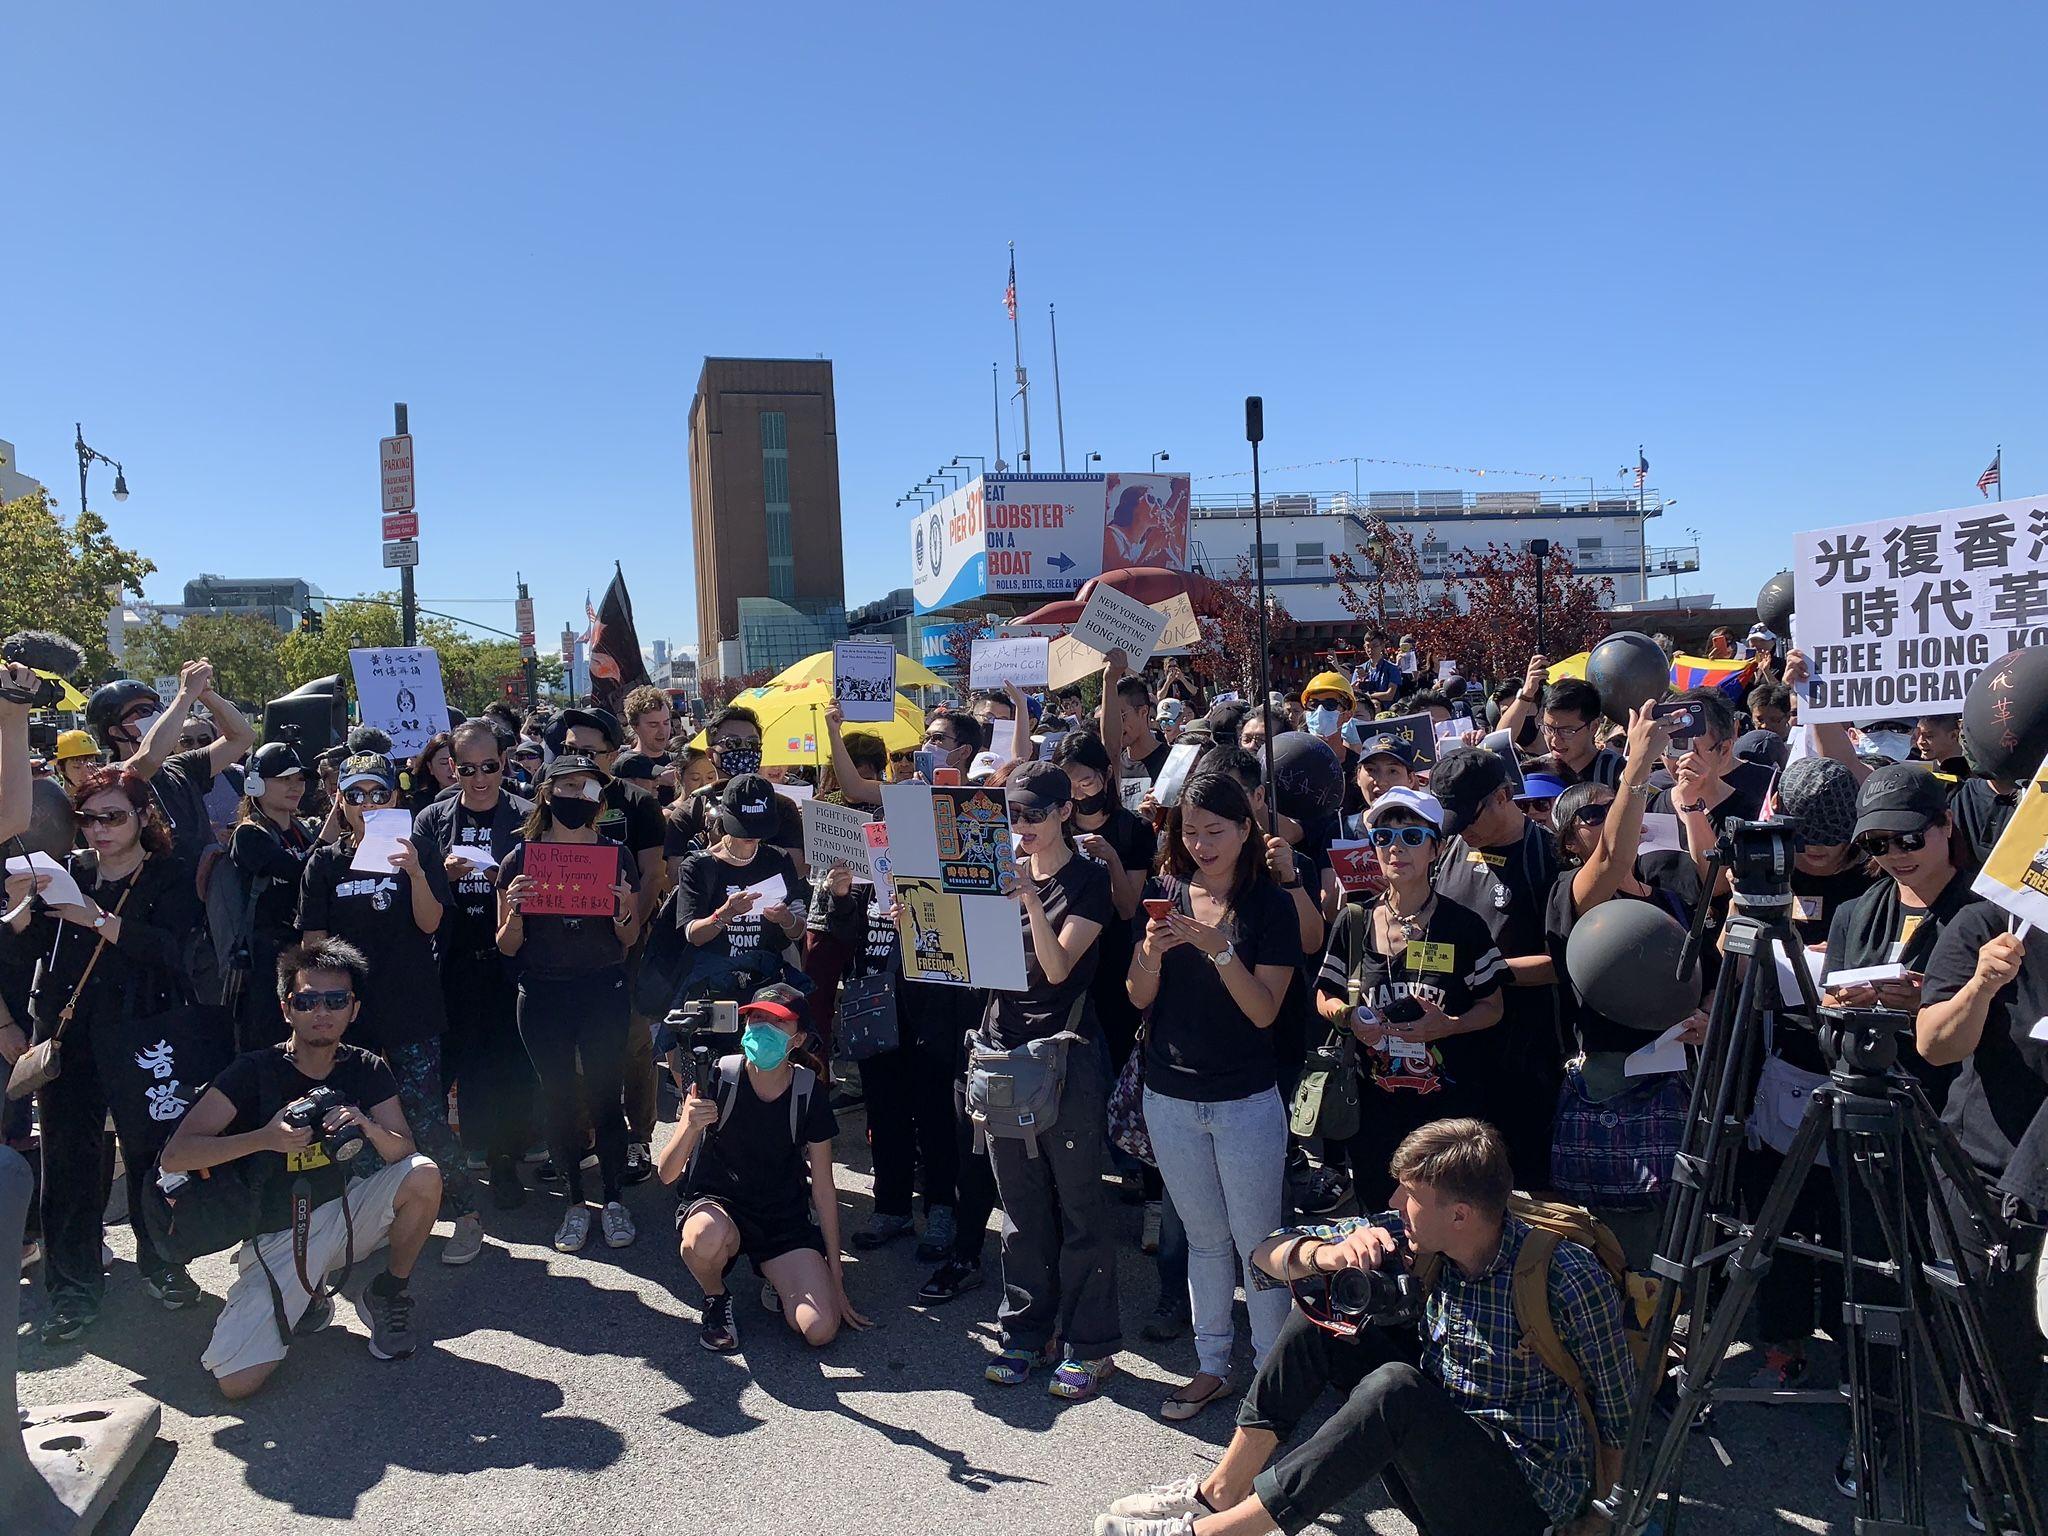 昨天(29日)在紐約中領館對街的碼頭前,數百人參加「紐約再集氣聲援港人」活動。 (蔡溶/大紀元)